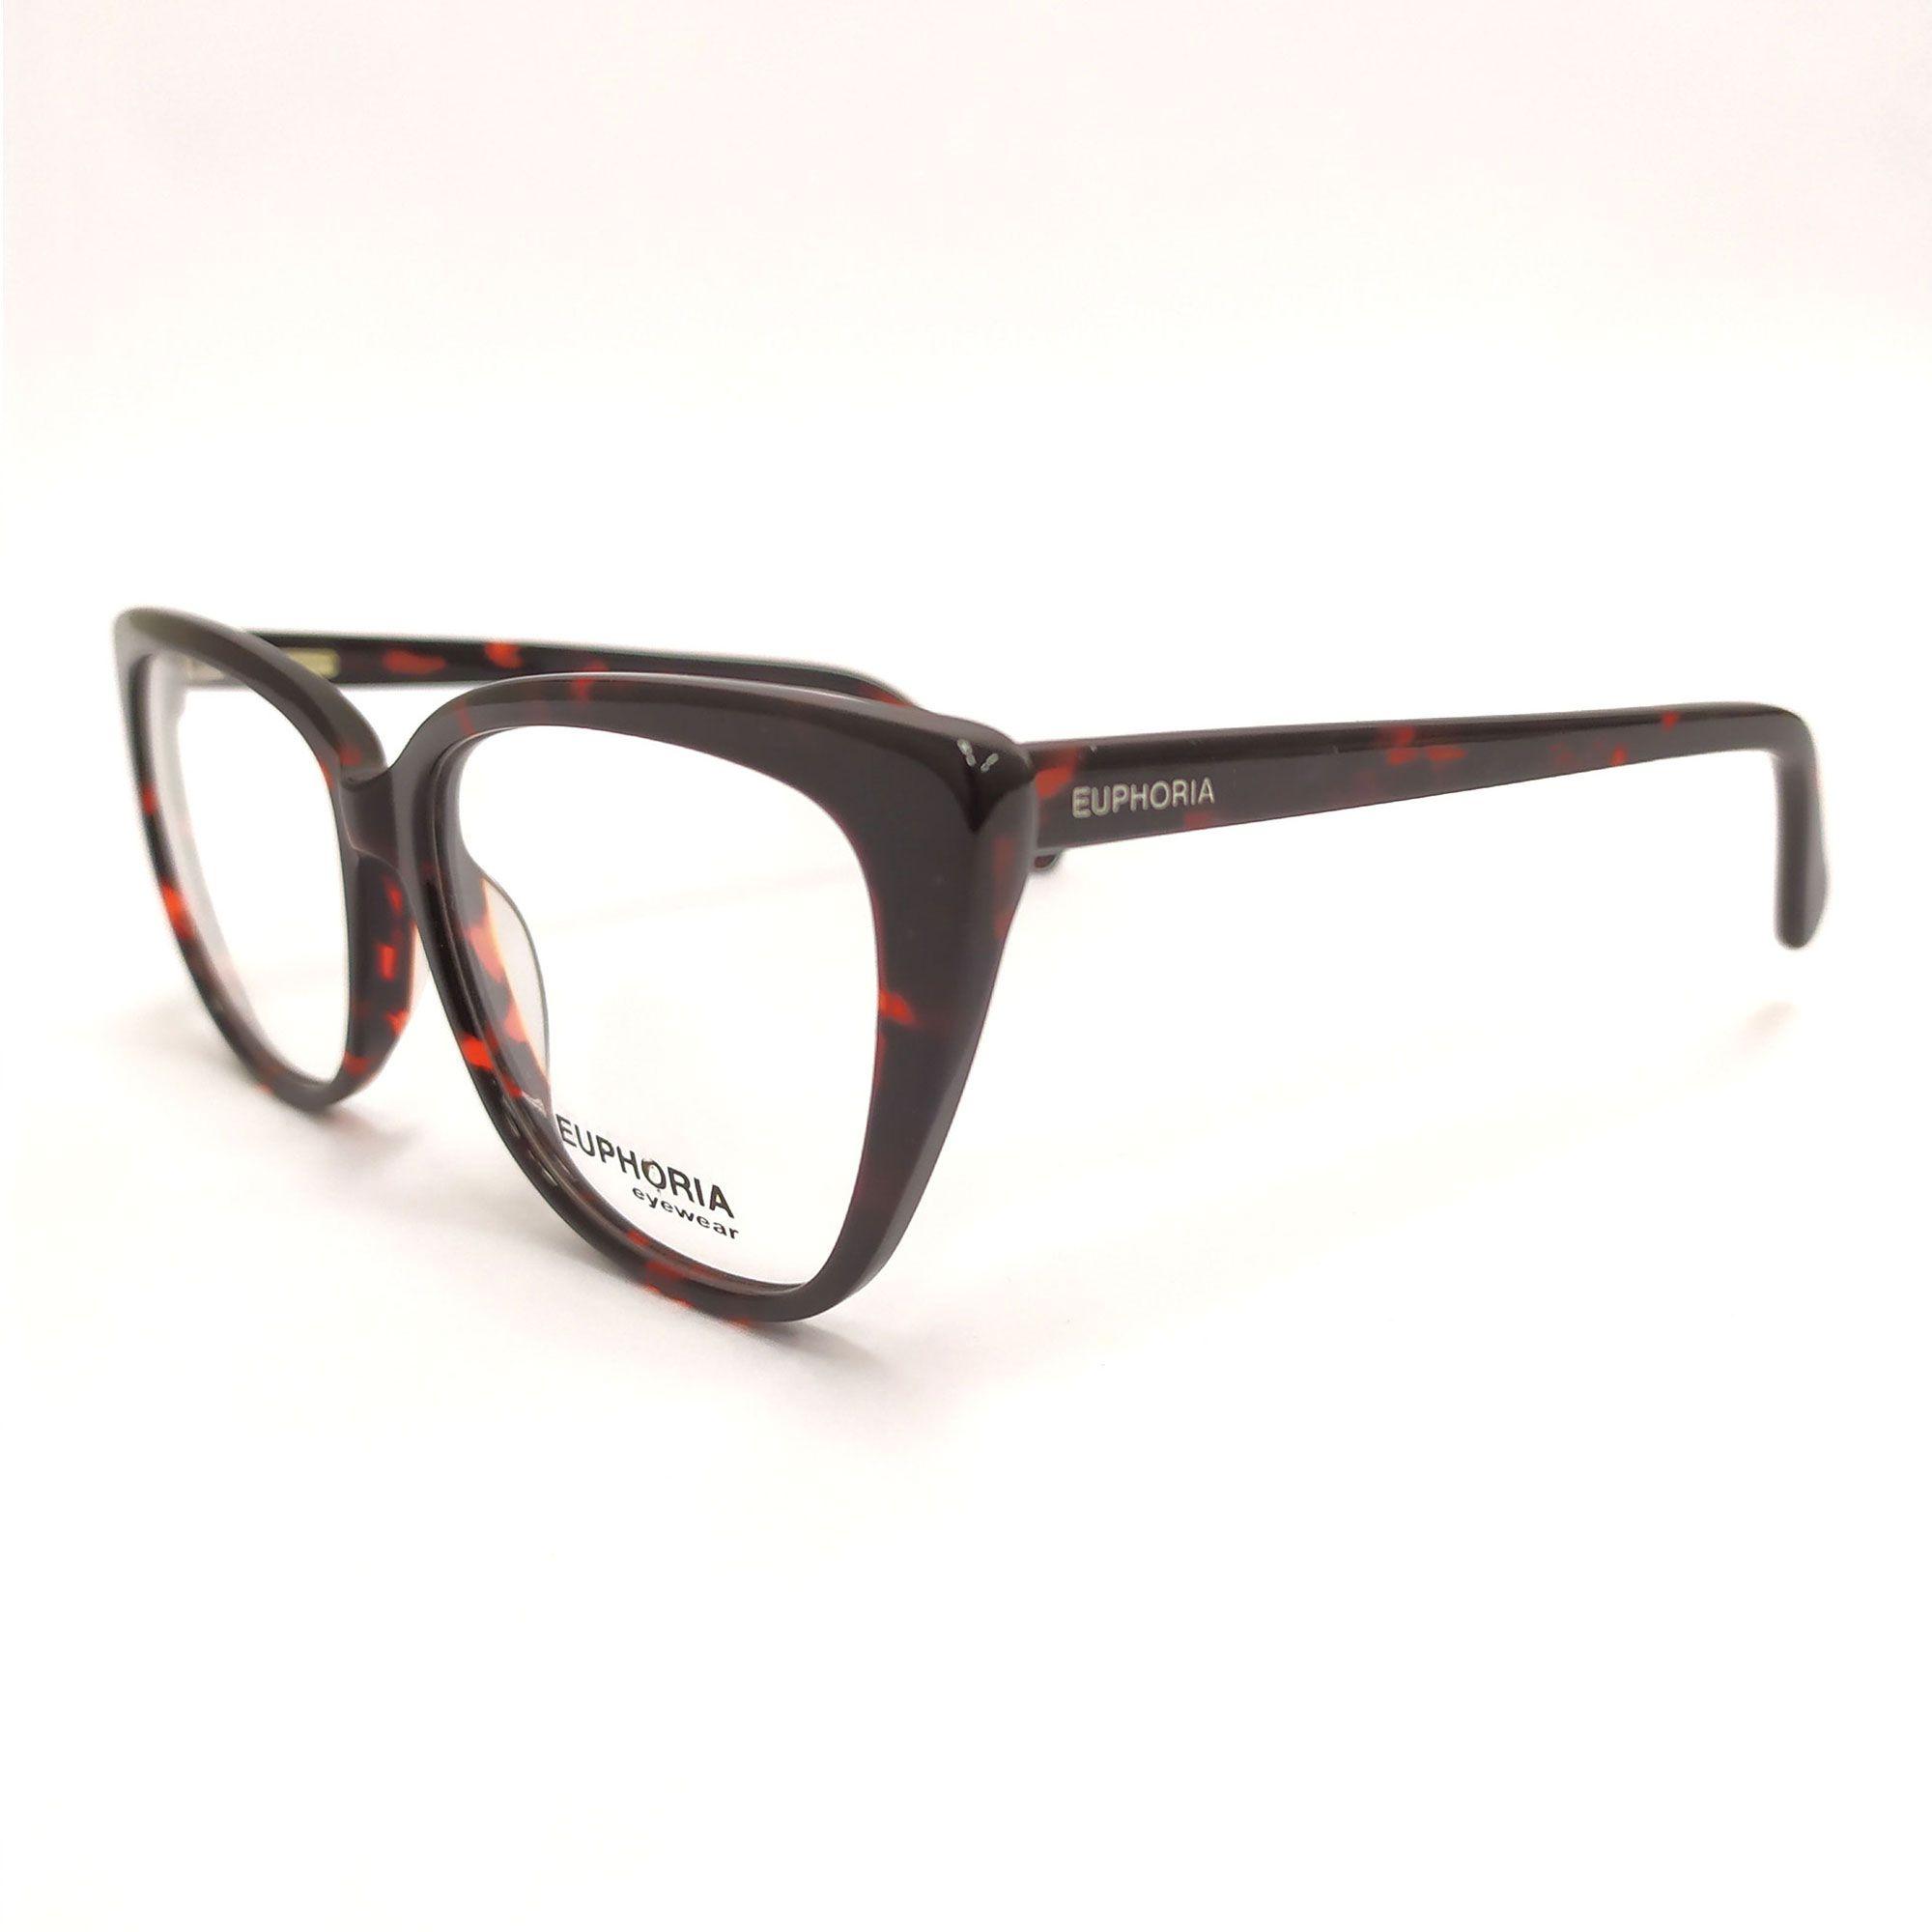 Óculos de Grau Euphoria Preto e Vermelho RM1748 C3